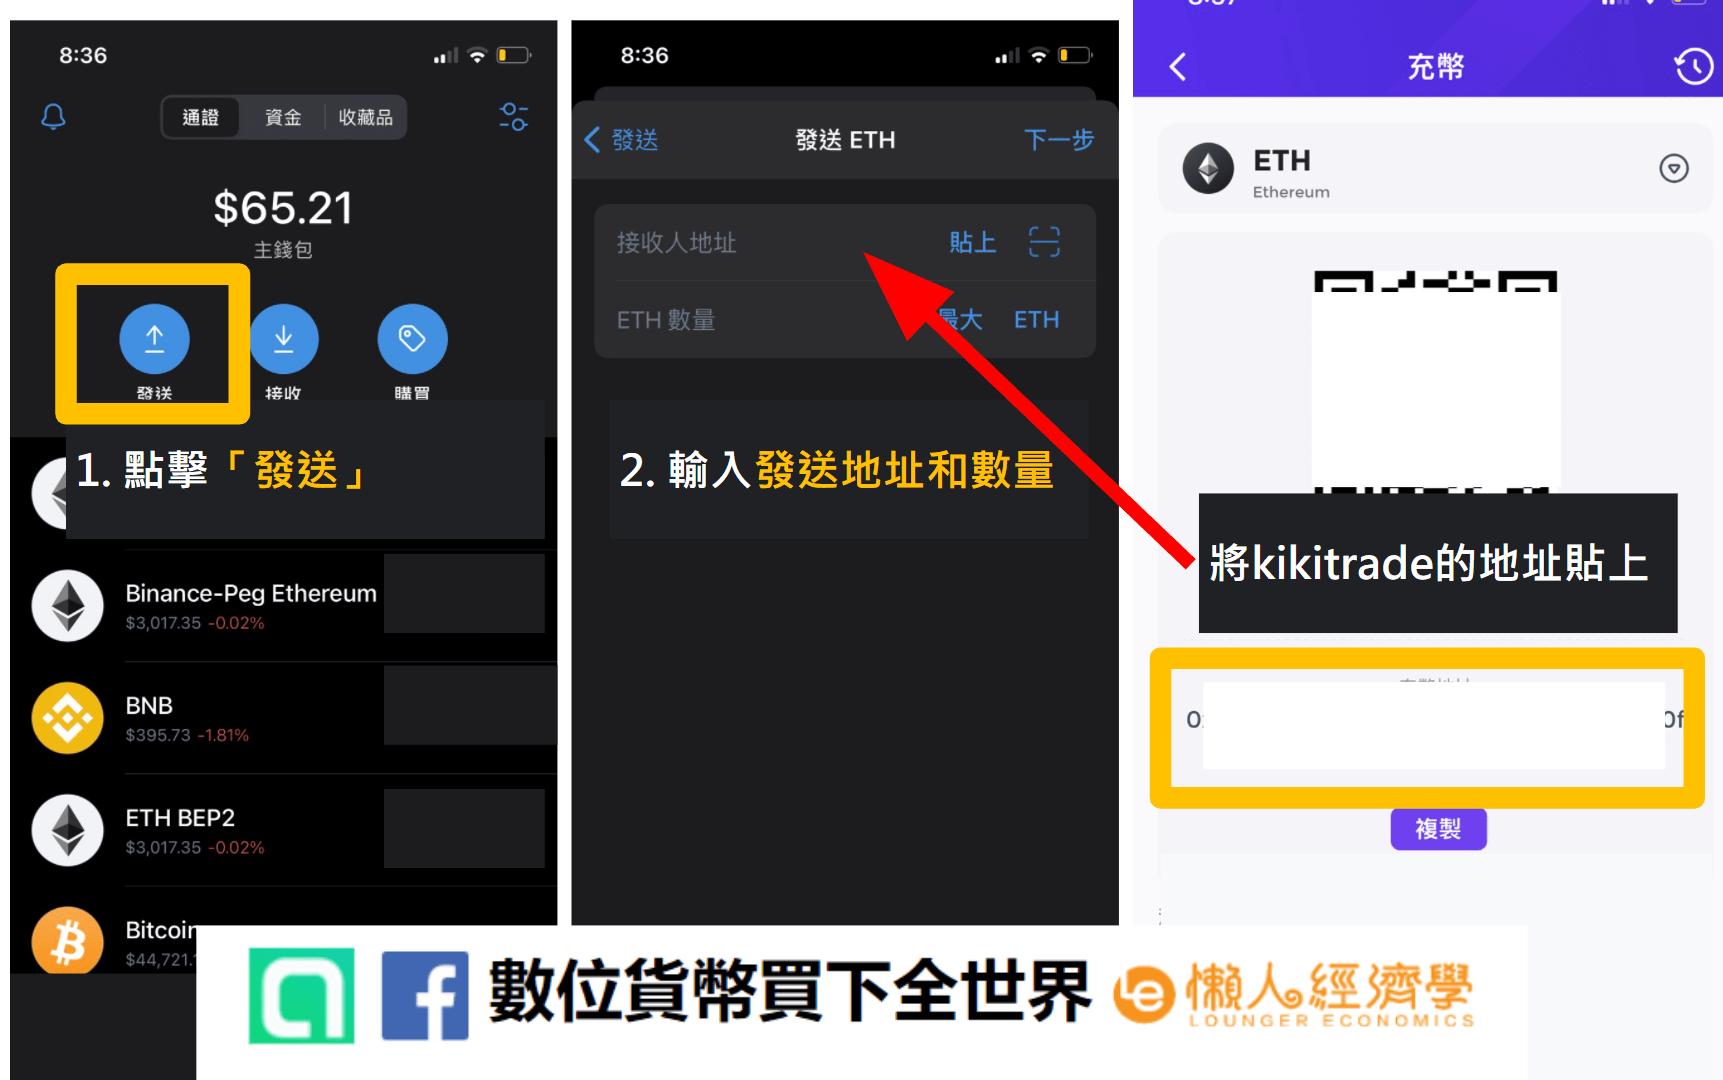 kikitrade入金之錢包轉帳教學:複製地址錢包至Trust wallet的接收人地址處